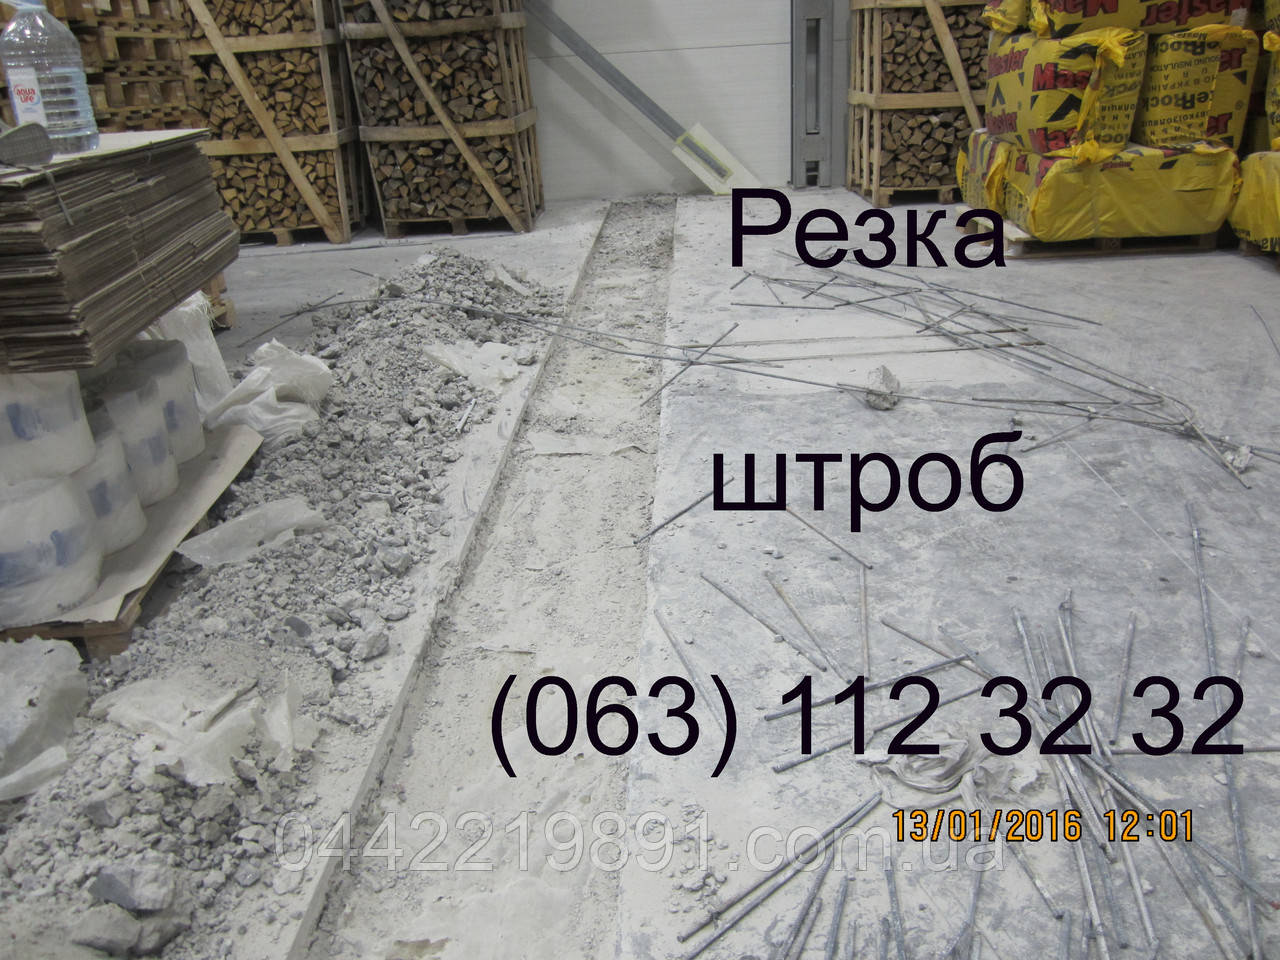 Різка штроб (063) 112 32 32